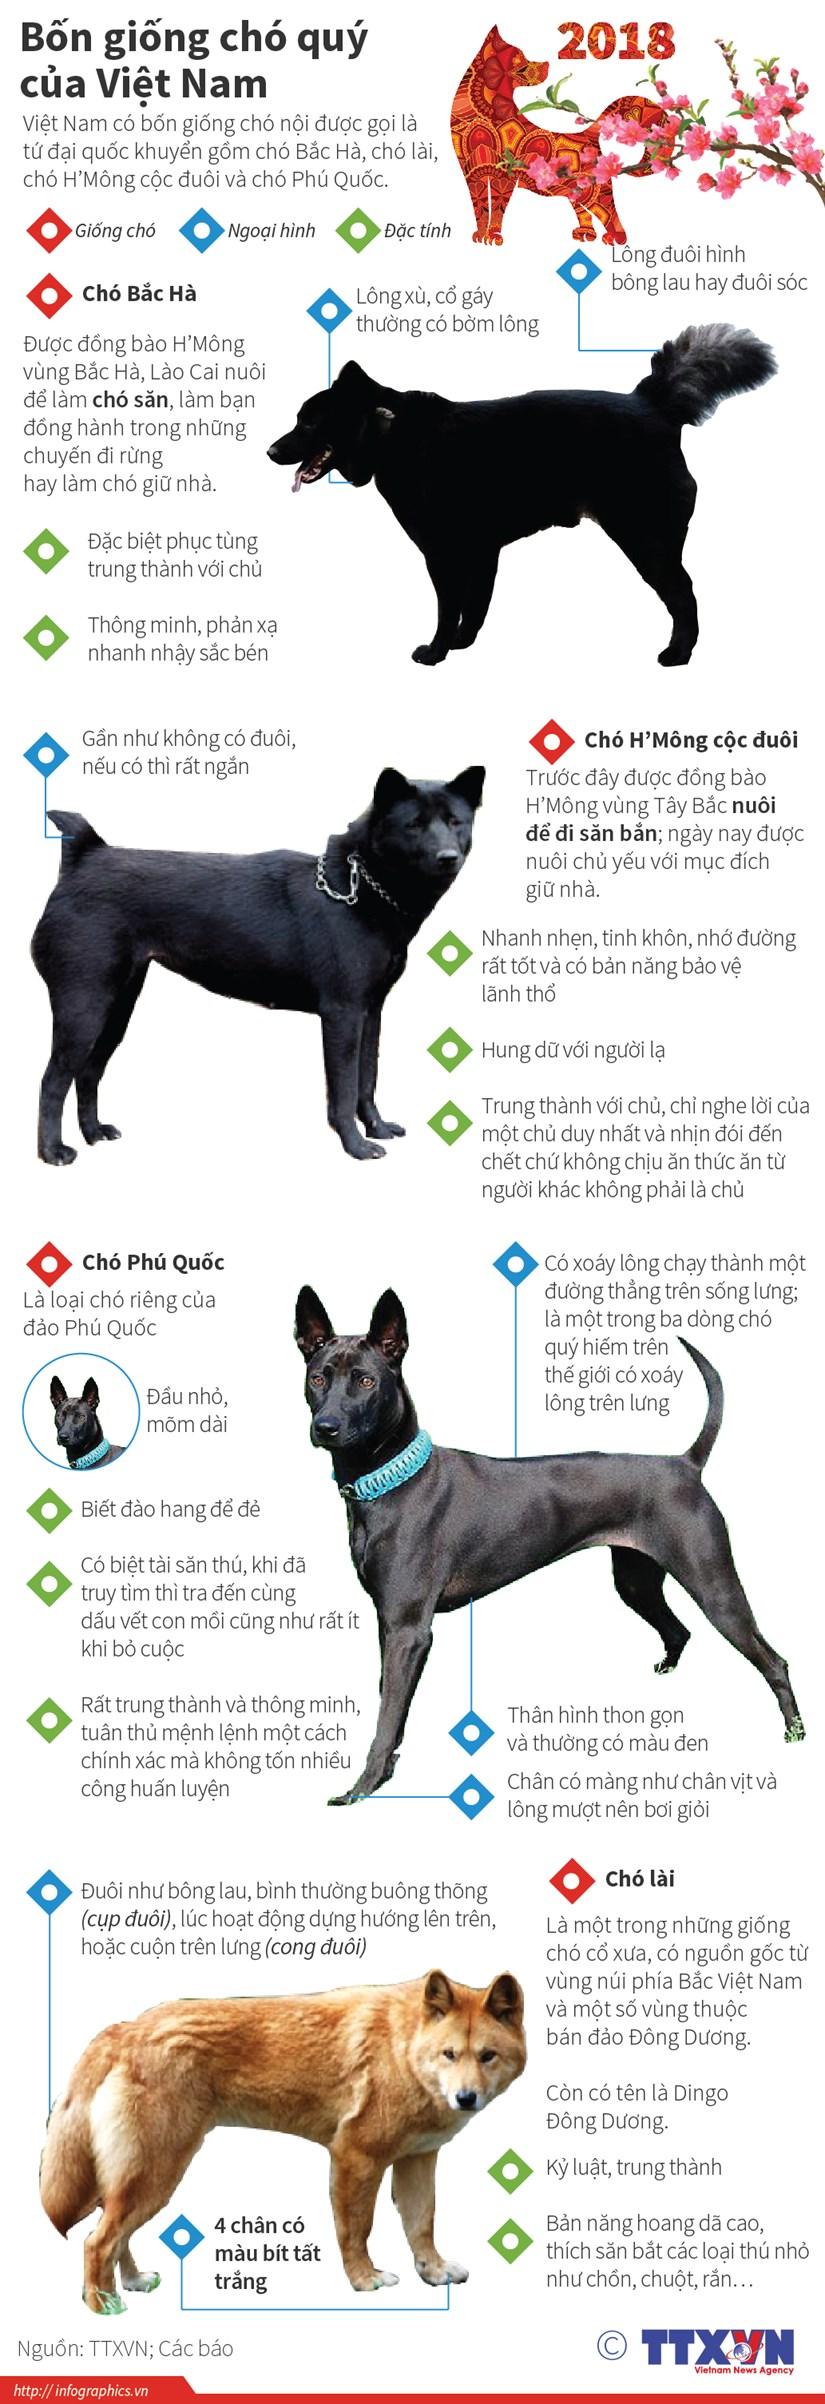 """[Infographics] Bon giong cho """"tu dai quoc khuyen"""" cua Viet Nam hinh anh 1"""